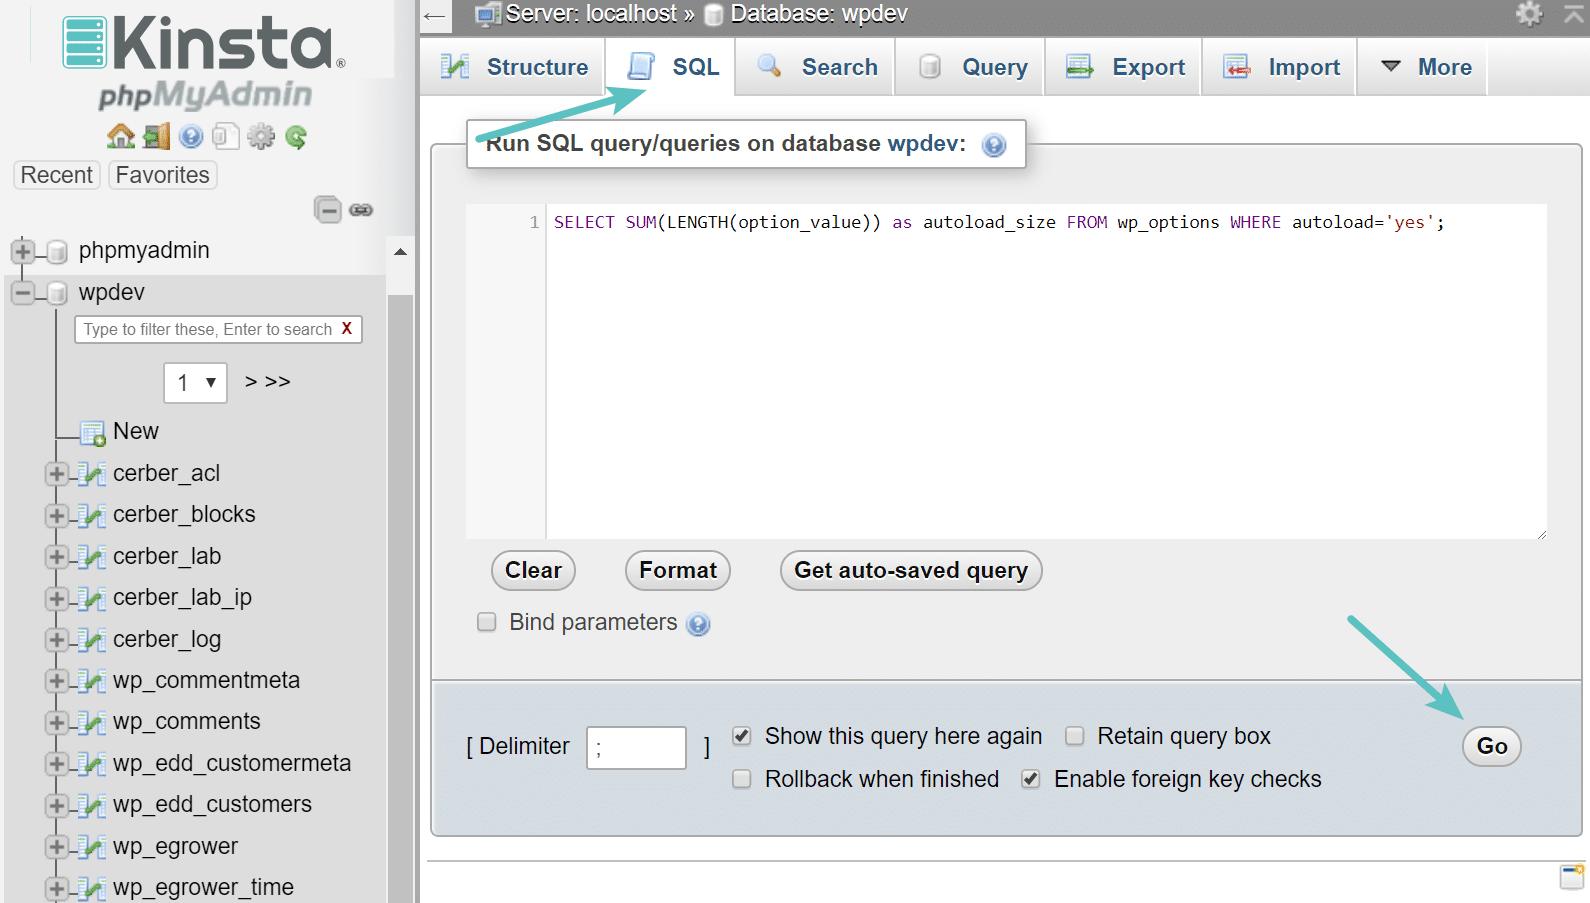 phpMyAdminで自動読み込みデータを確認するクエリ